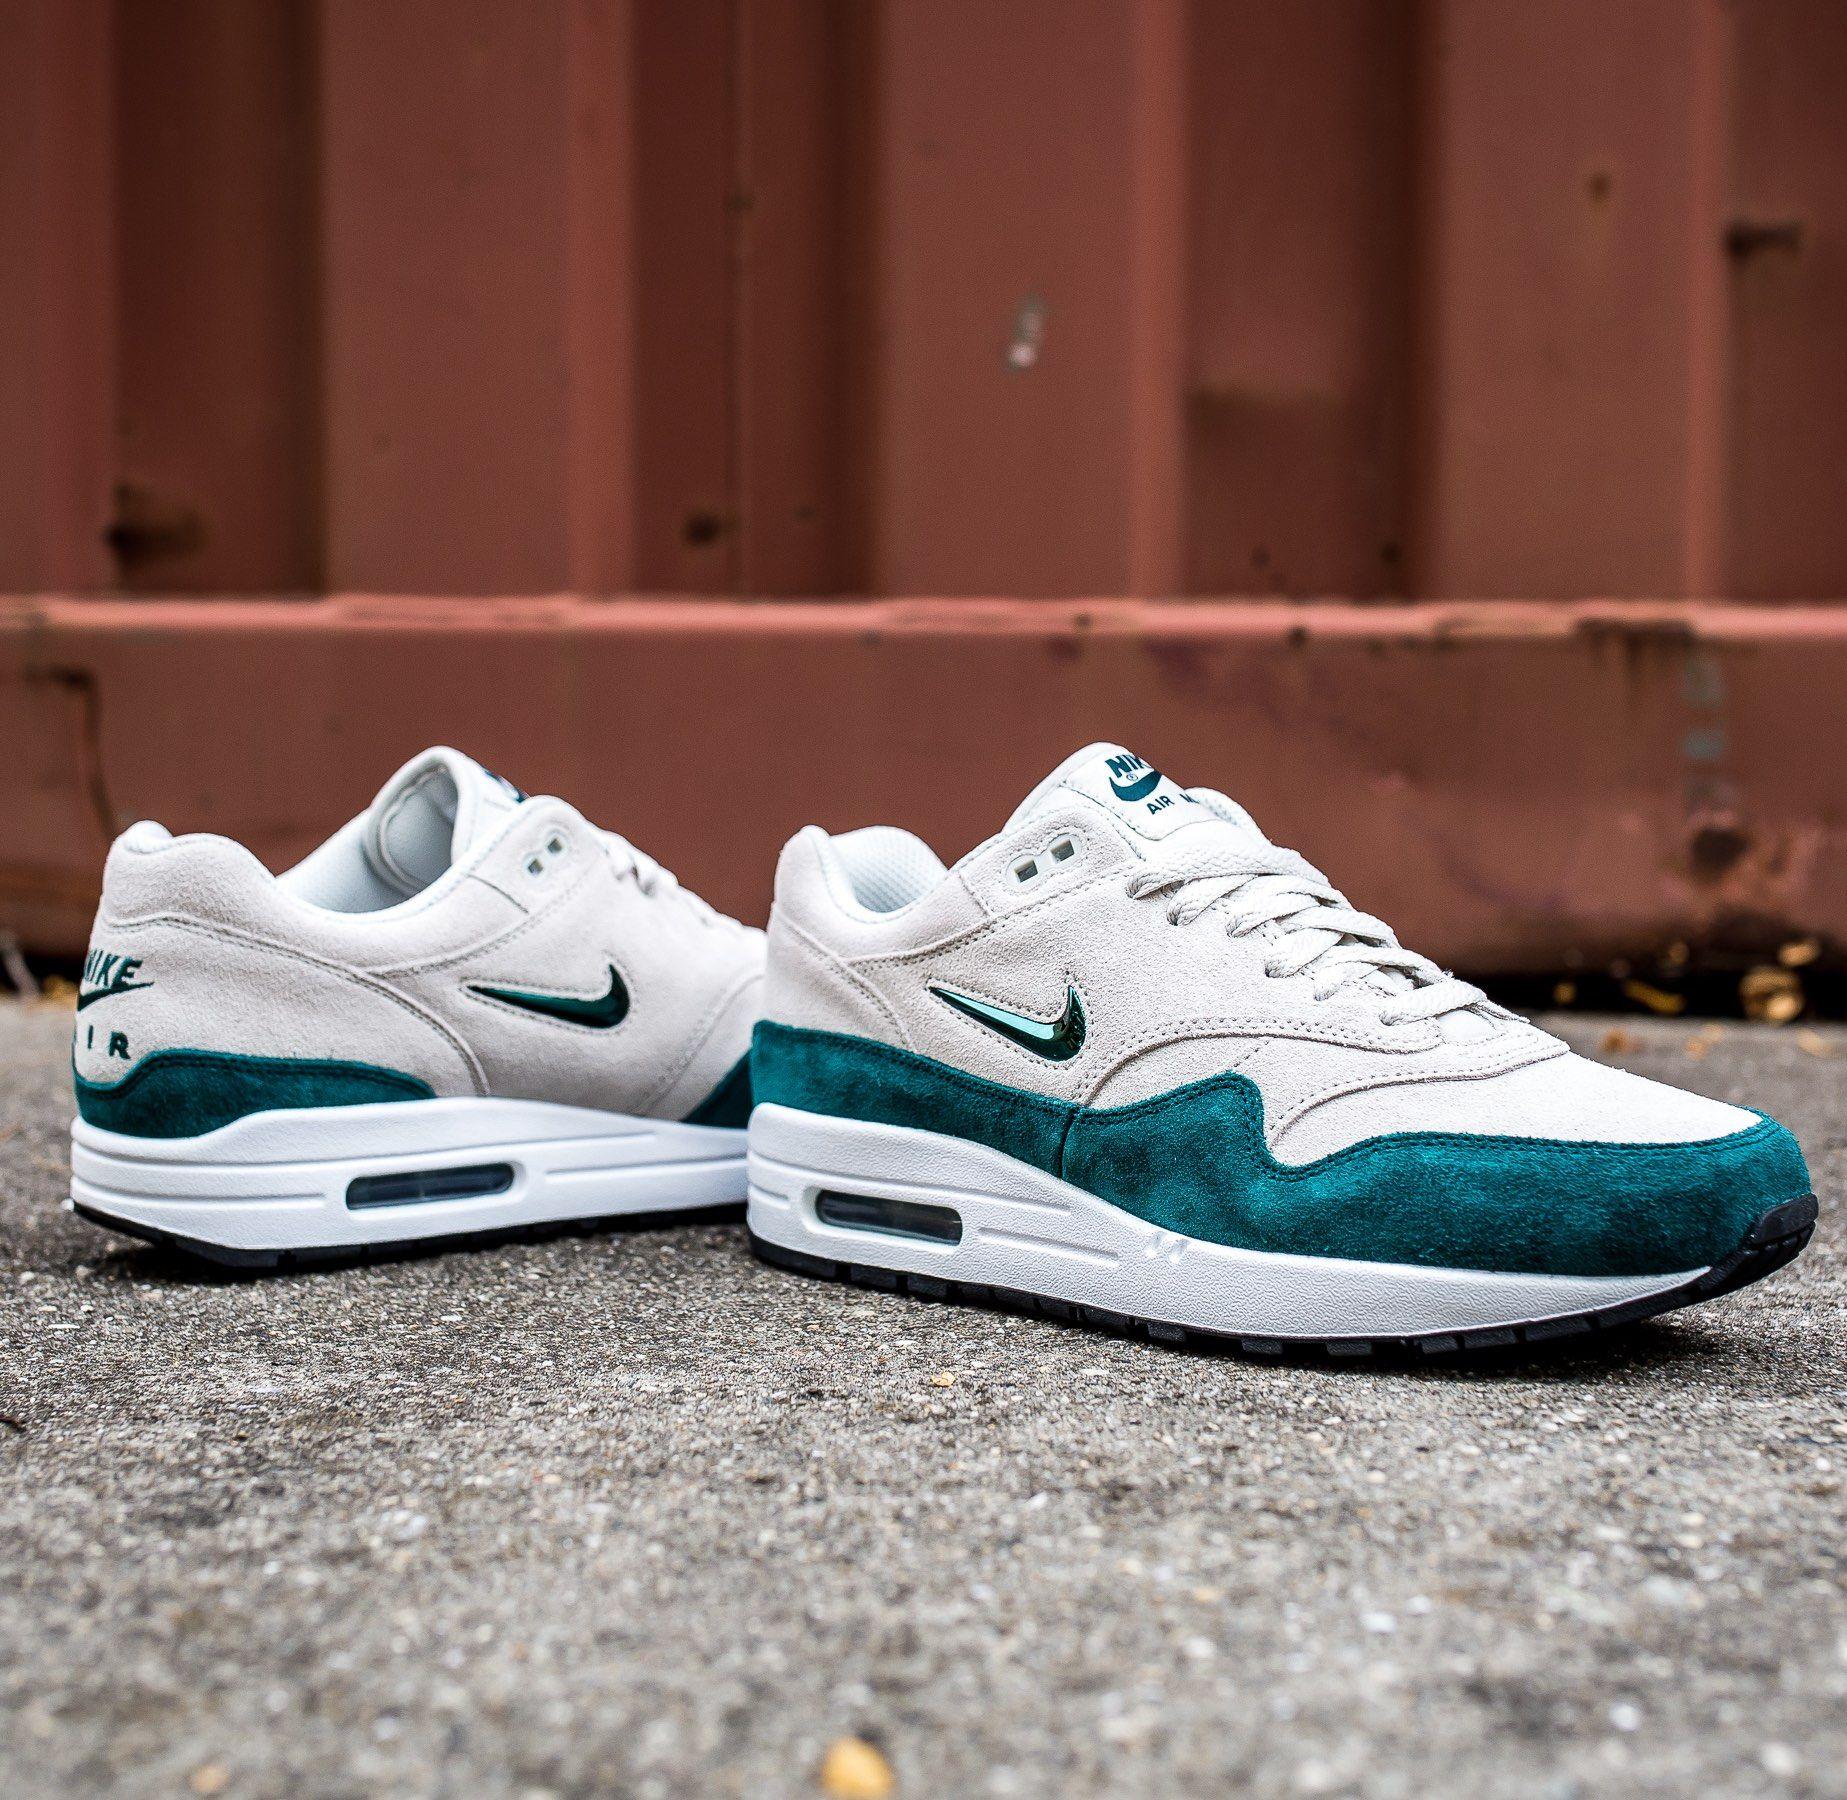 Nike Air WhiteMen's Sc Premium 1 Atomic Max Teal Sneakers wOPn0k